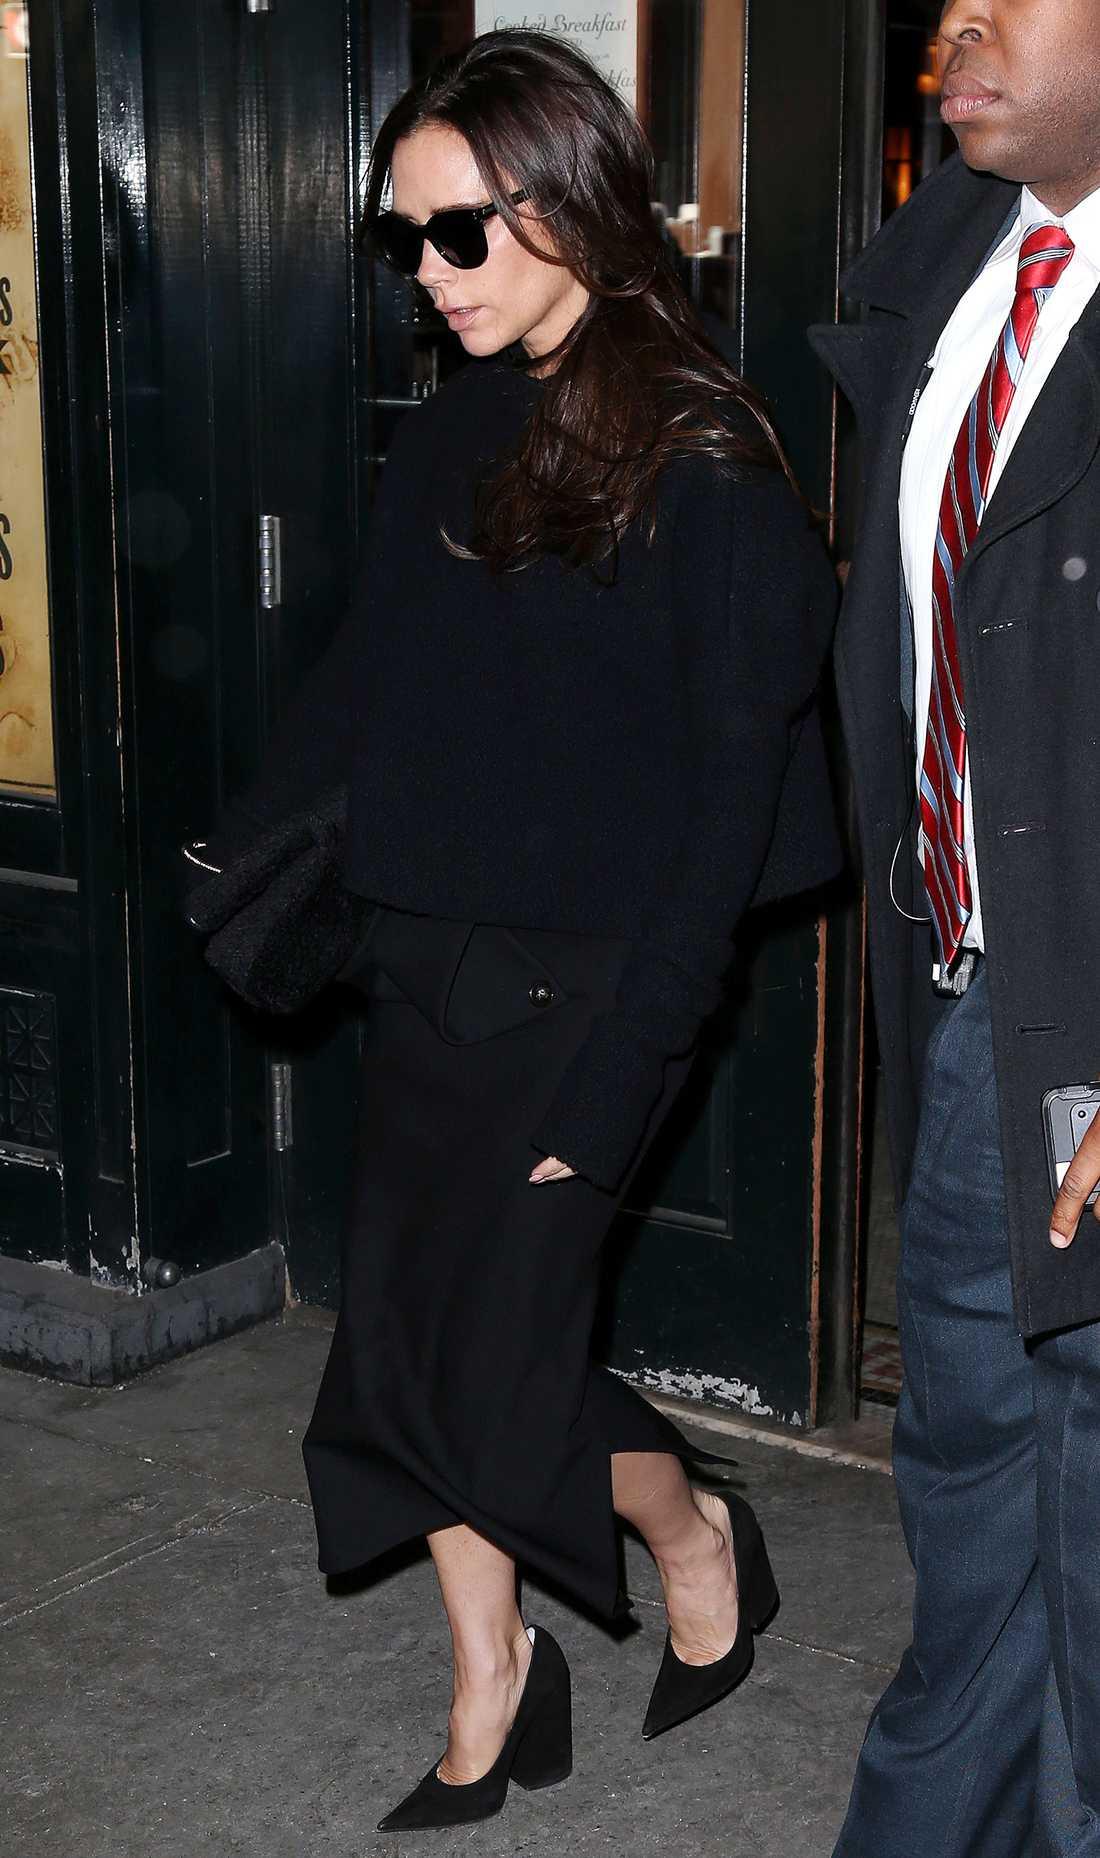 Victoria Beckham Victoria Beckham i helsvart och mörka solglasögon precis så som vi brukar se henne.